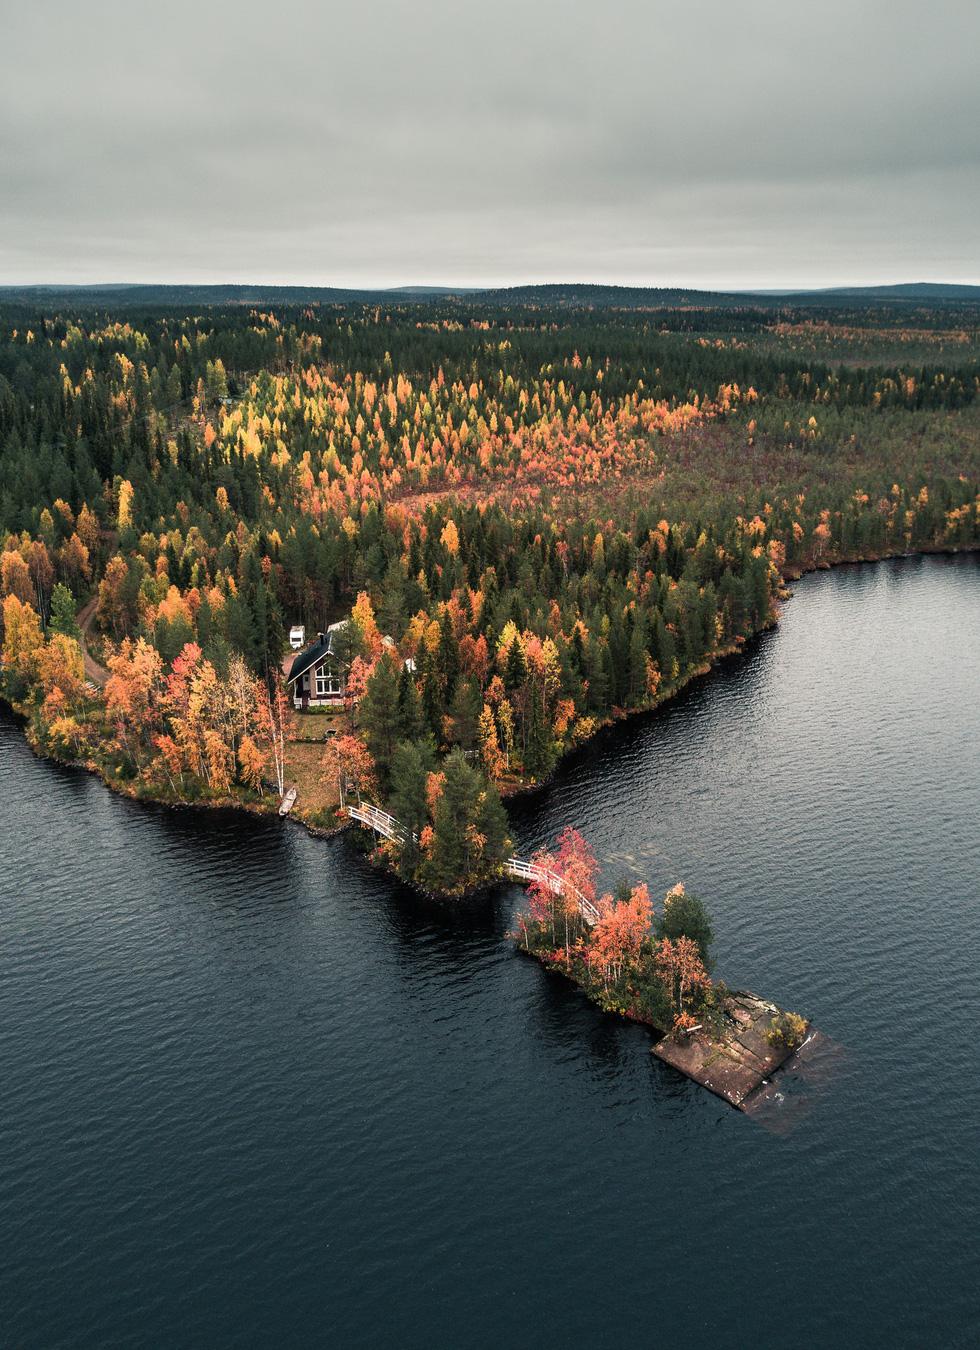 Đảo 'bốn mùa' Phần Lan đẹp mê hồn nhìn từ trên cao - Ảnh 5.